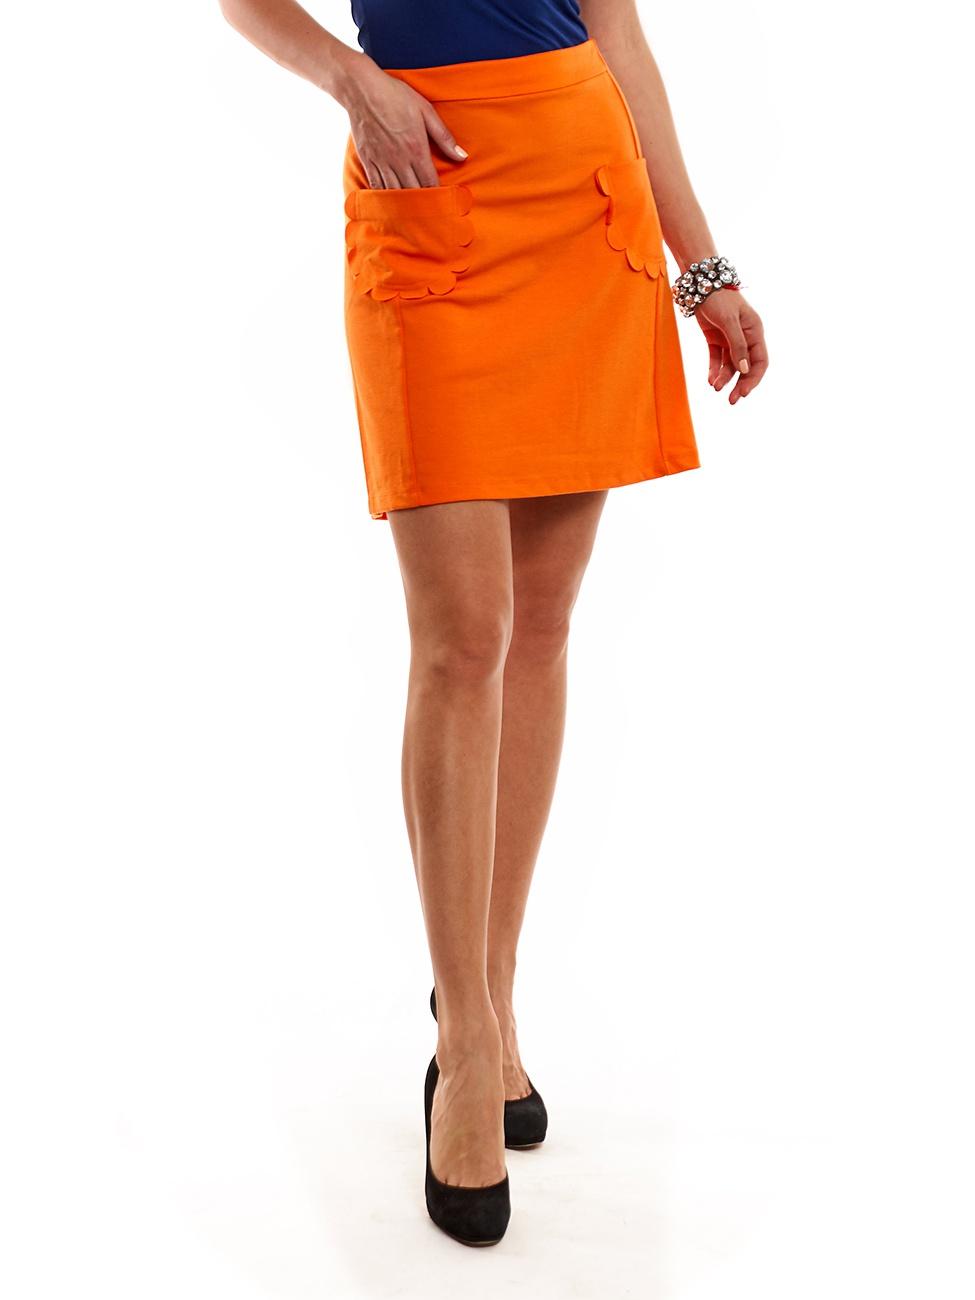 Юбка Vero Moda оранжевого цвета размер 40 на наш скорее 48